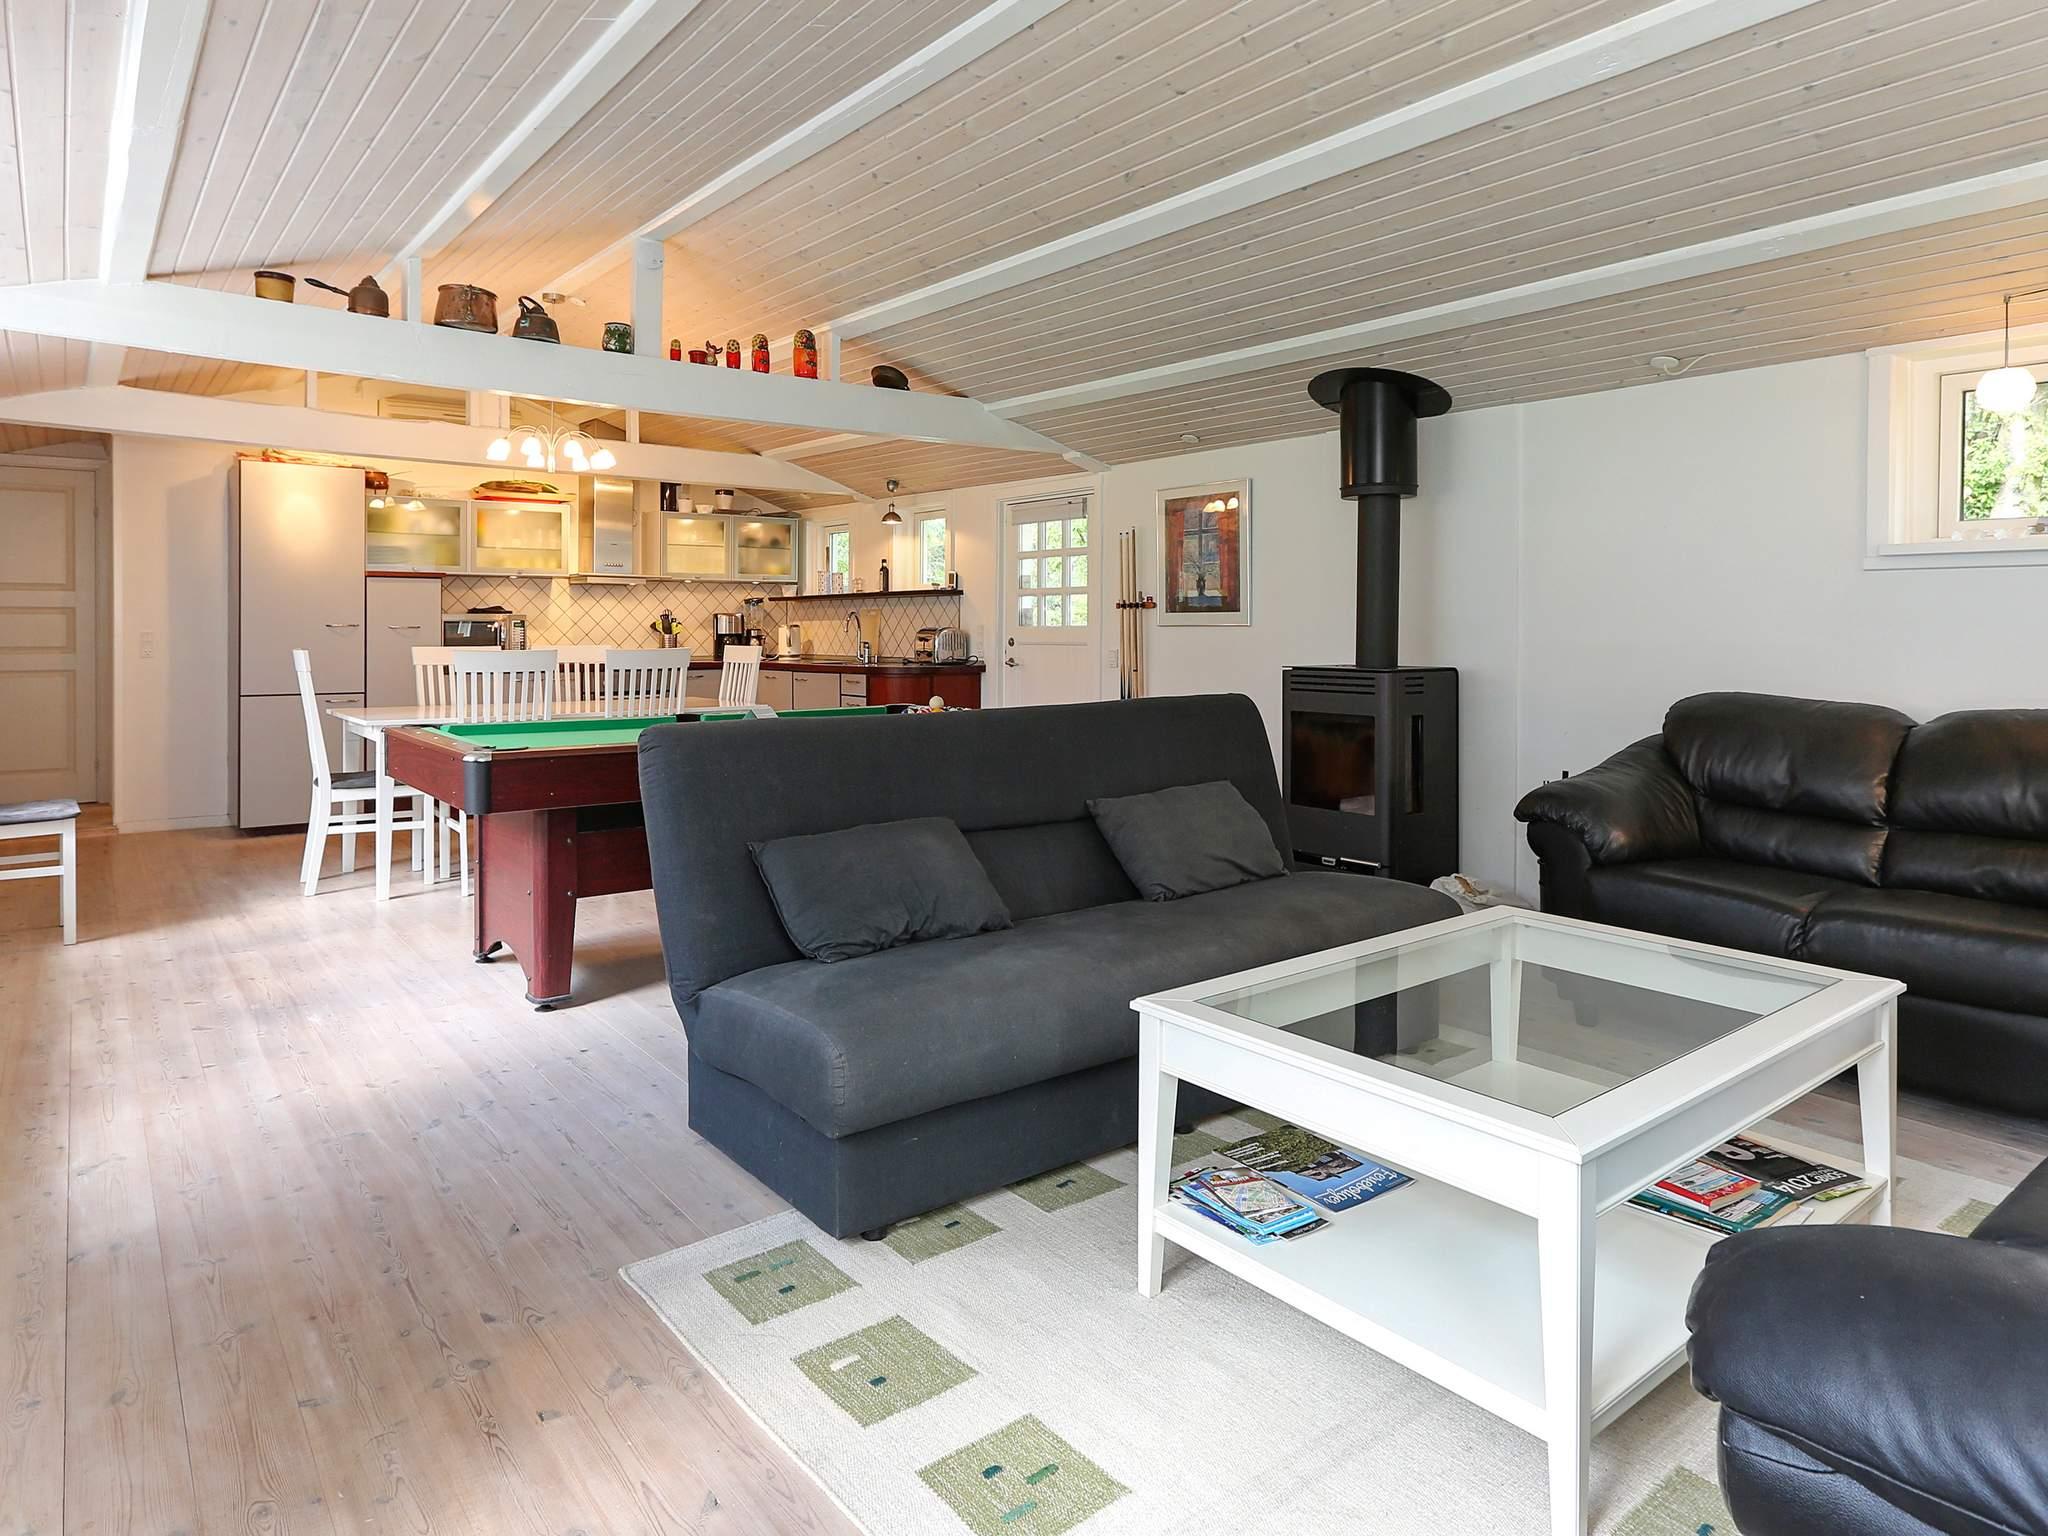 Ferienhaus Rågeleje (804324), Rågeleje, , Nordseeland, Dänemark, Bild 3